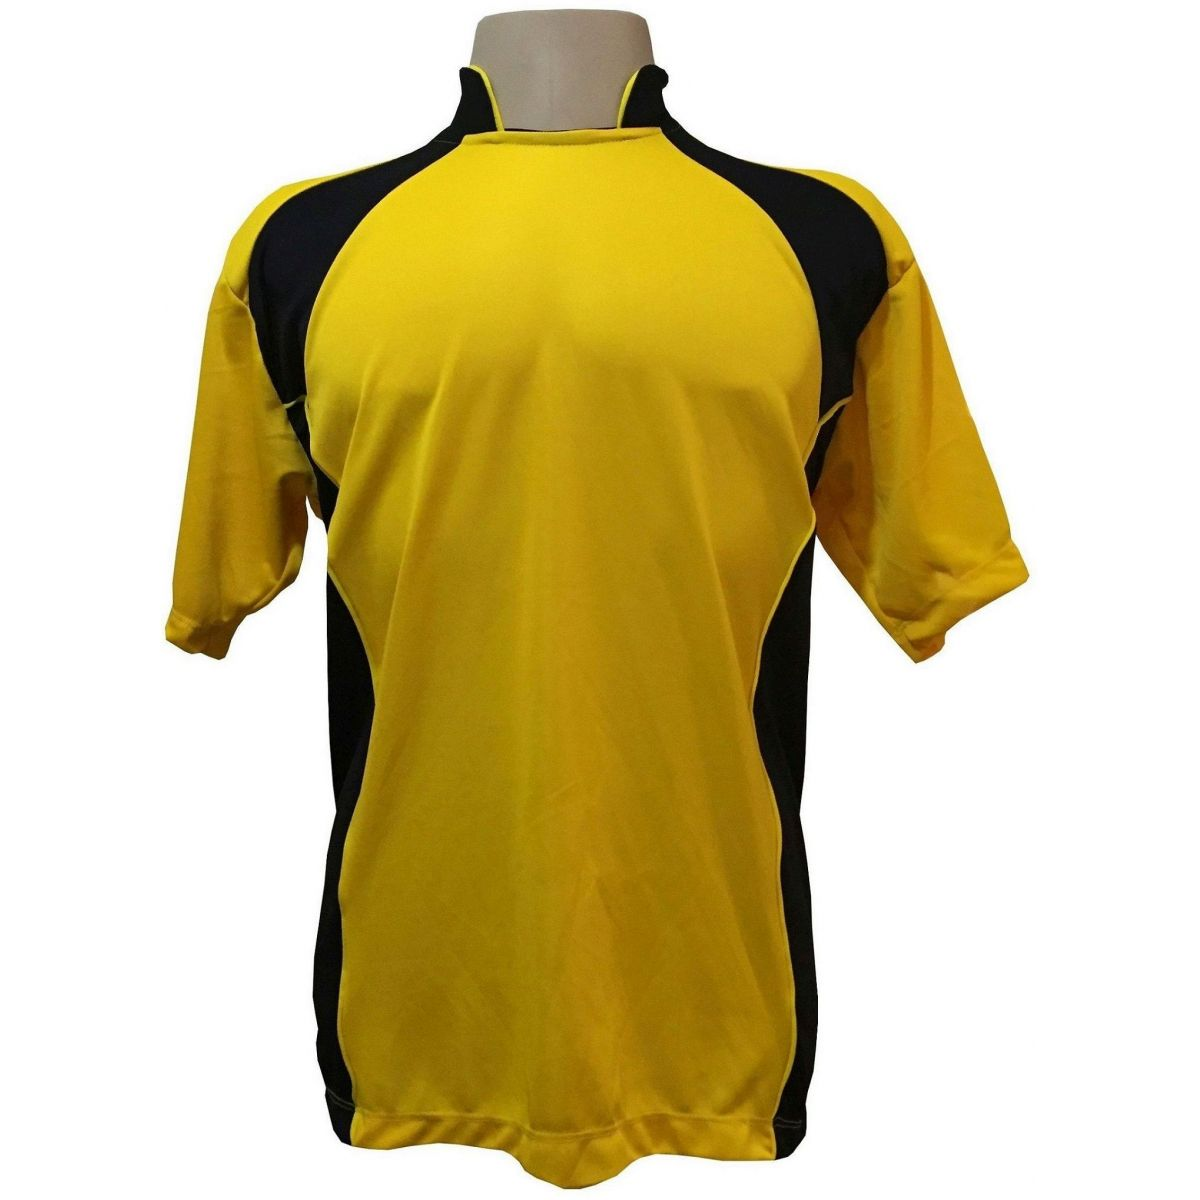 Jogo de Camisa modelo Su�cia Amarelo/Preto com 14 pe�as - Frete Gr�tis Brasil + Brindes